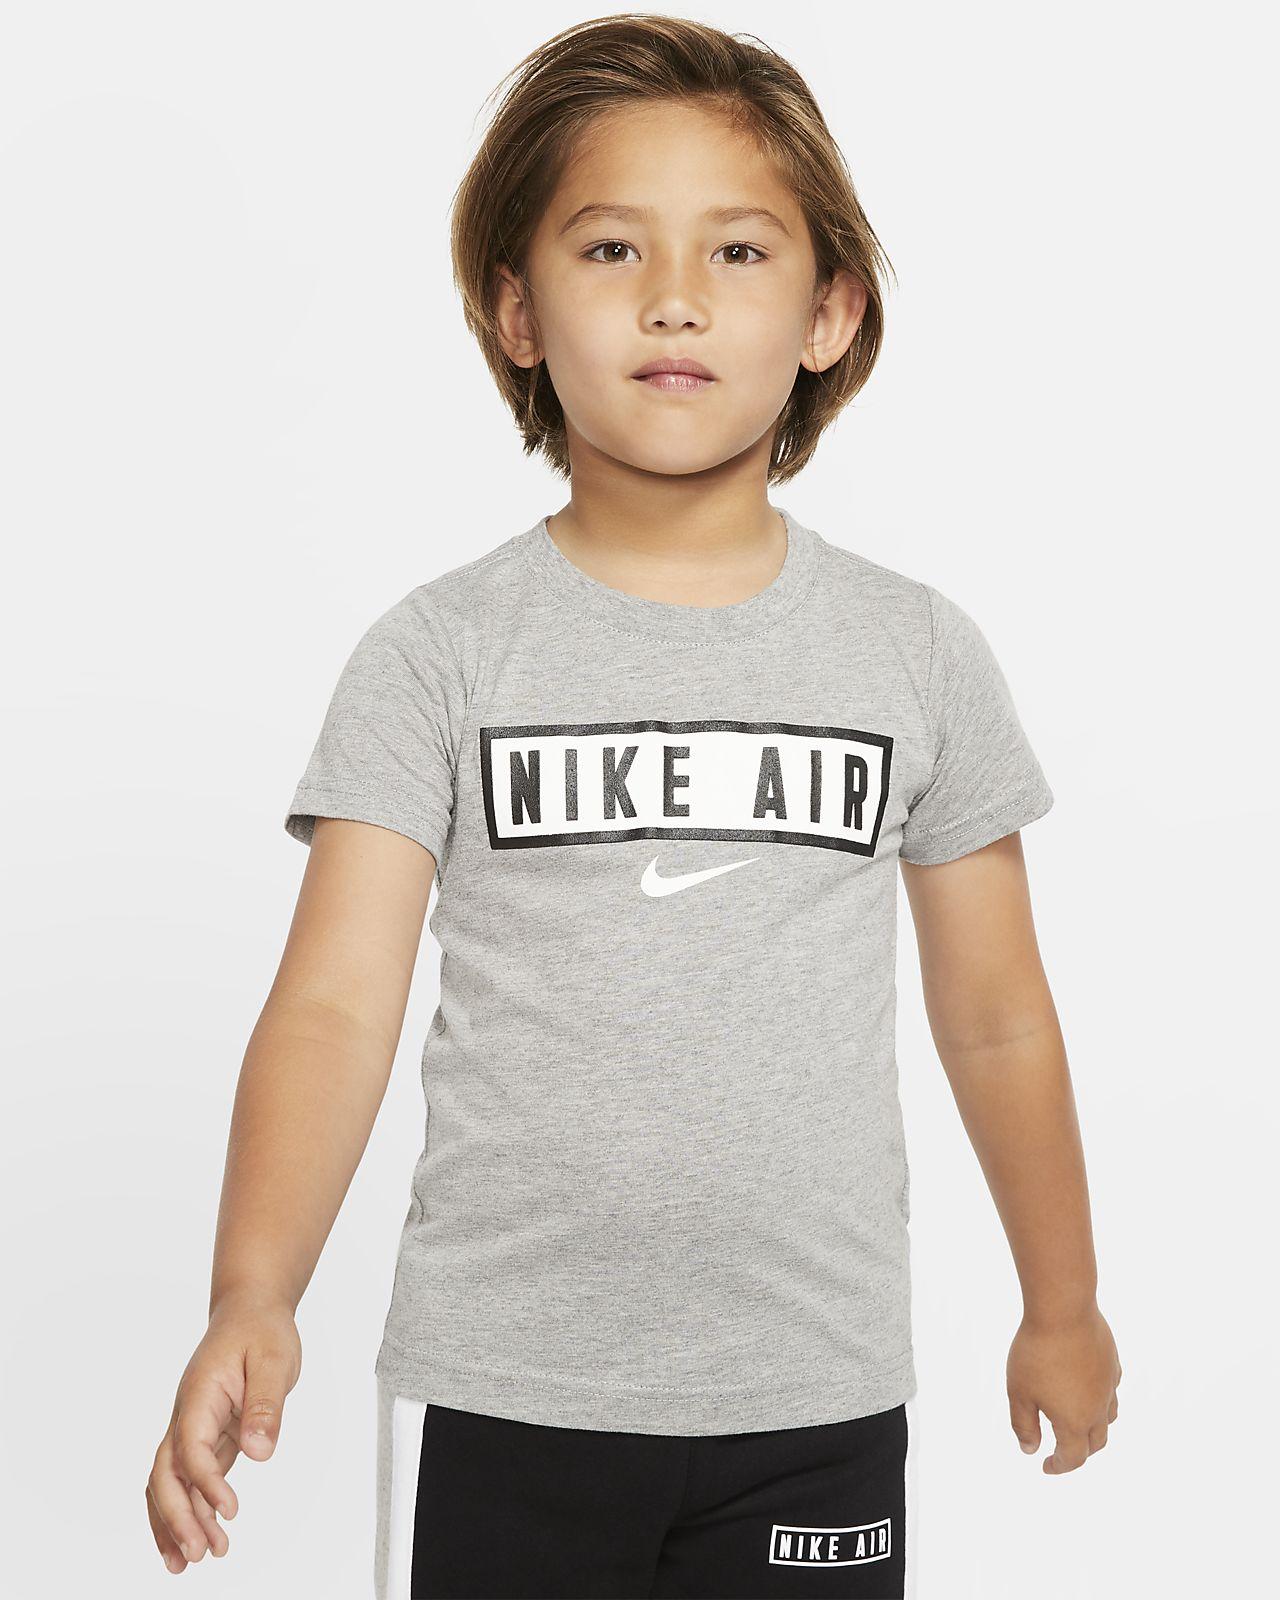 T-shirt de manga curta Nike Air para criança